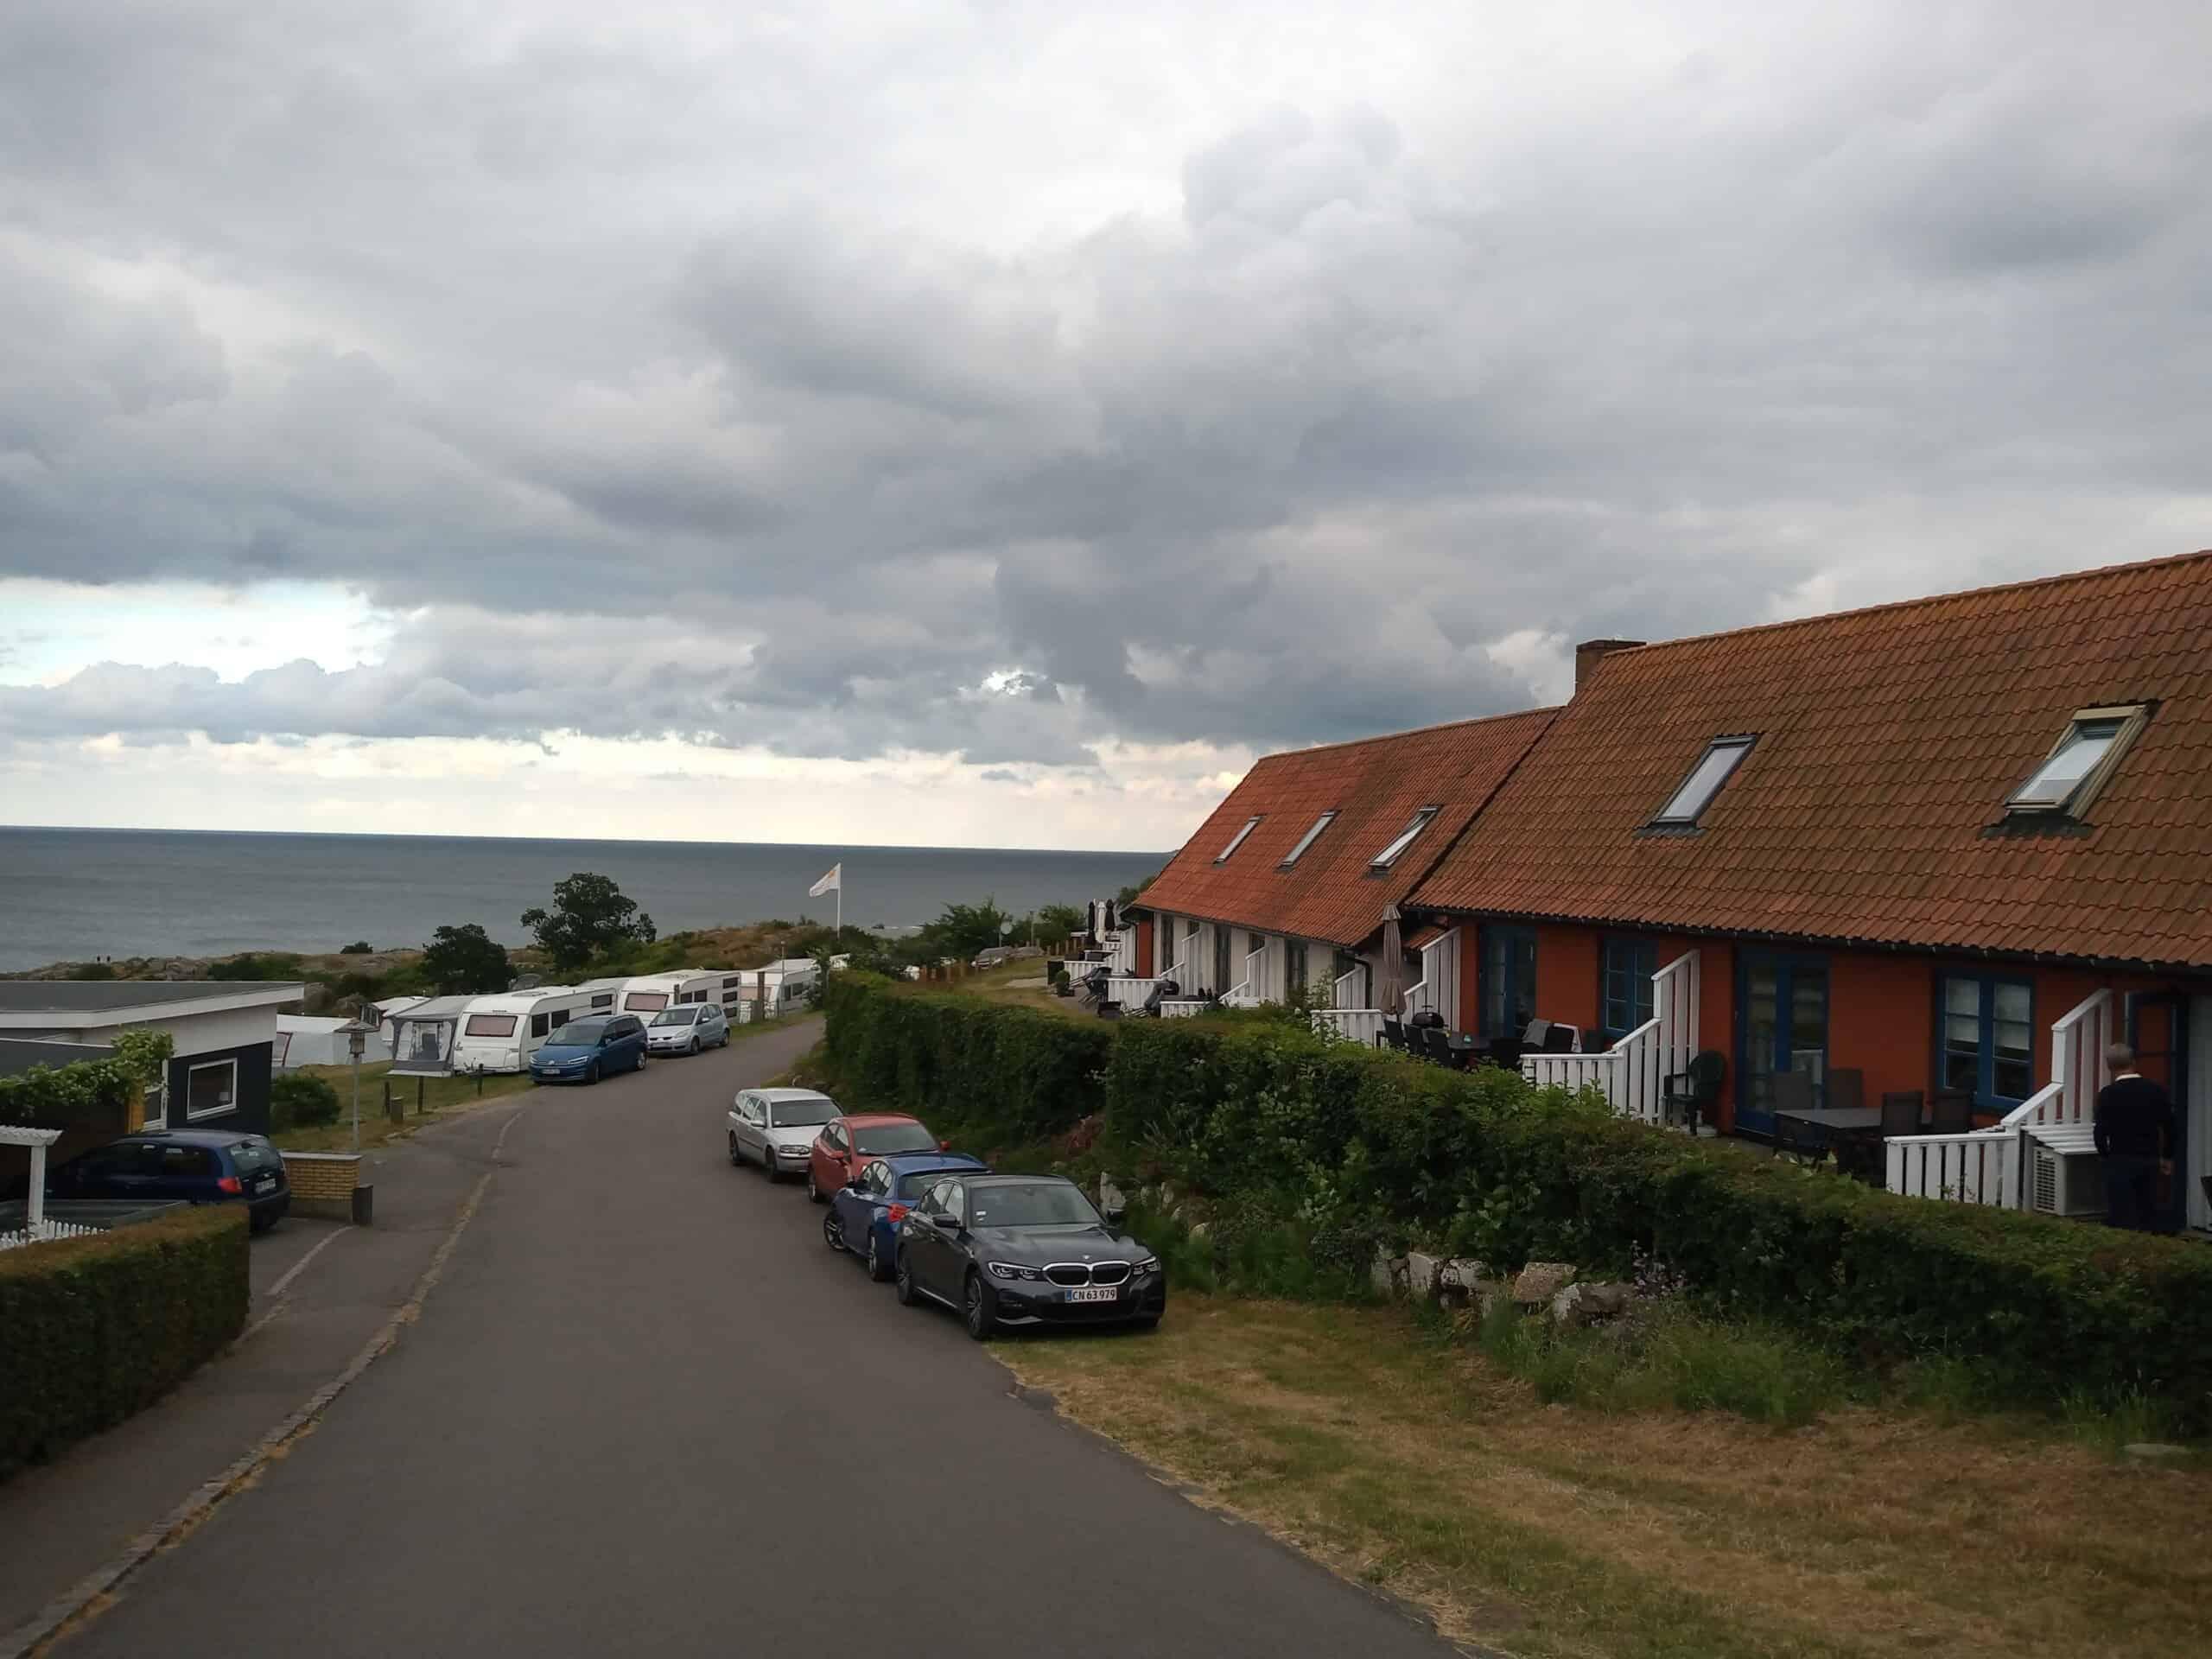 Ferienhäuser und Campinplatz bei Gudhjem